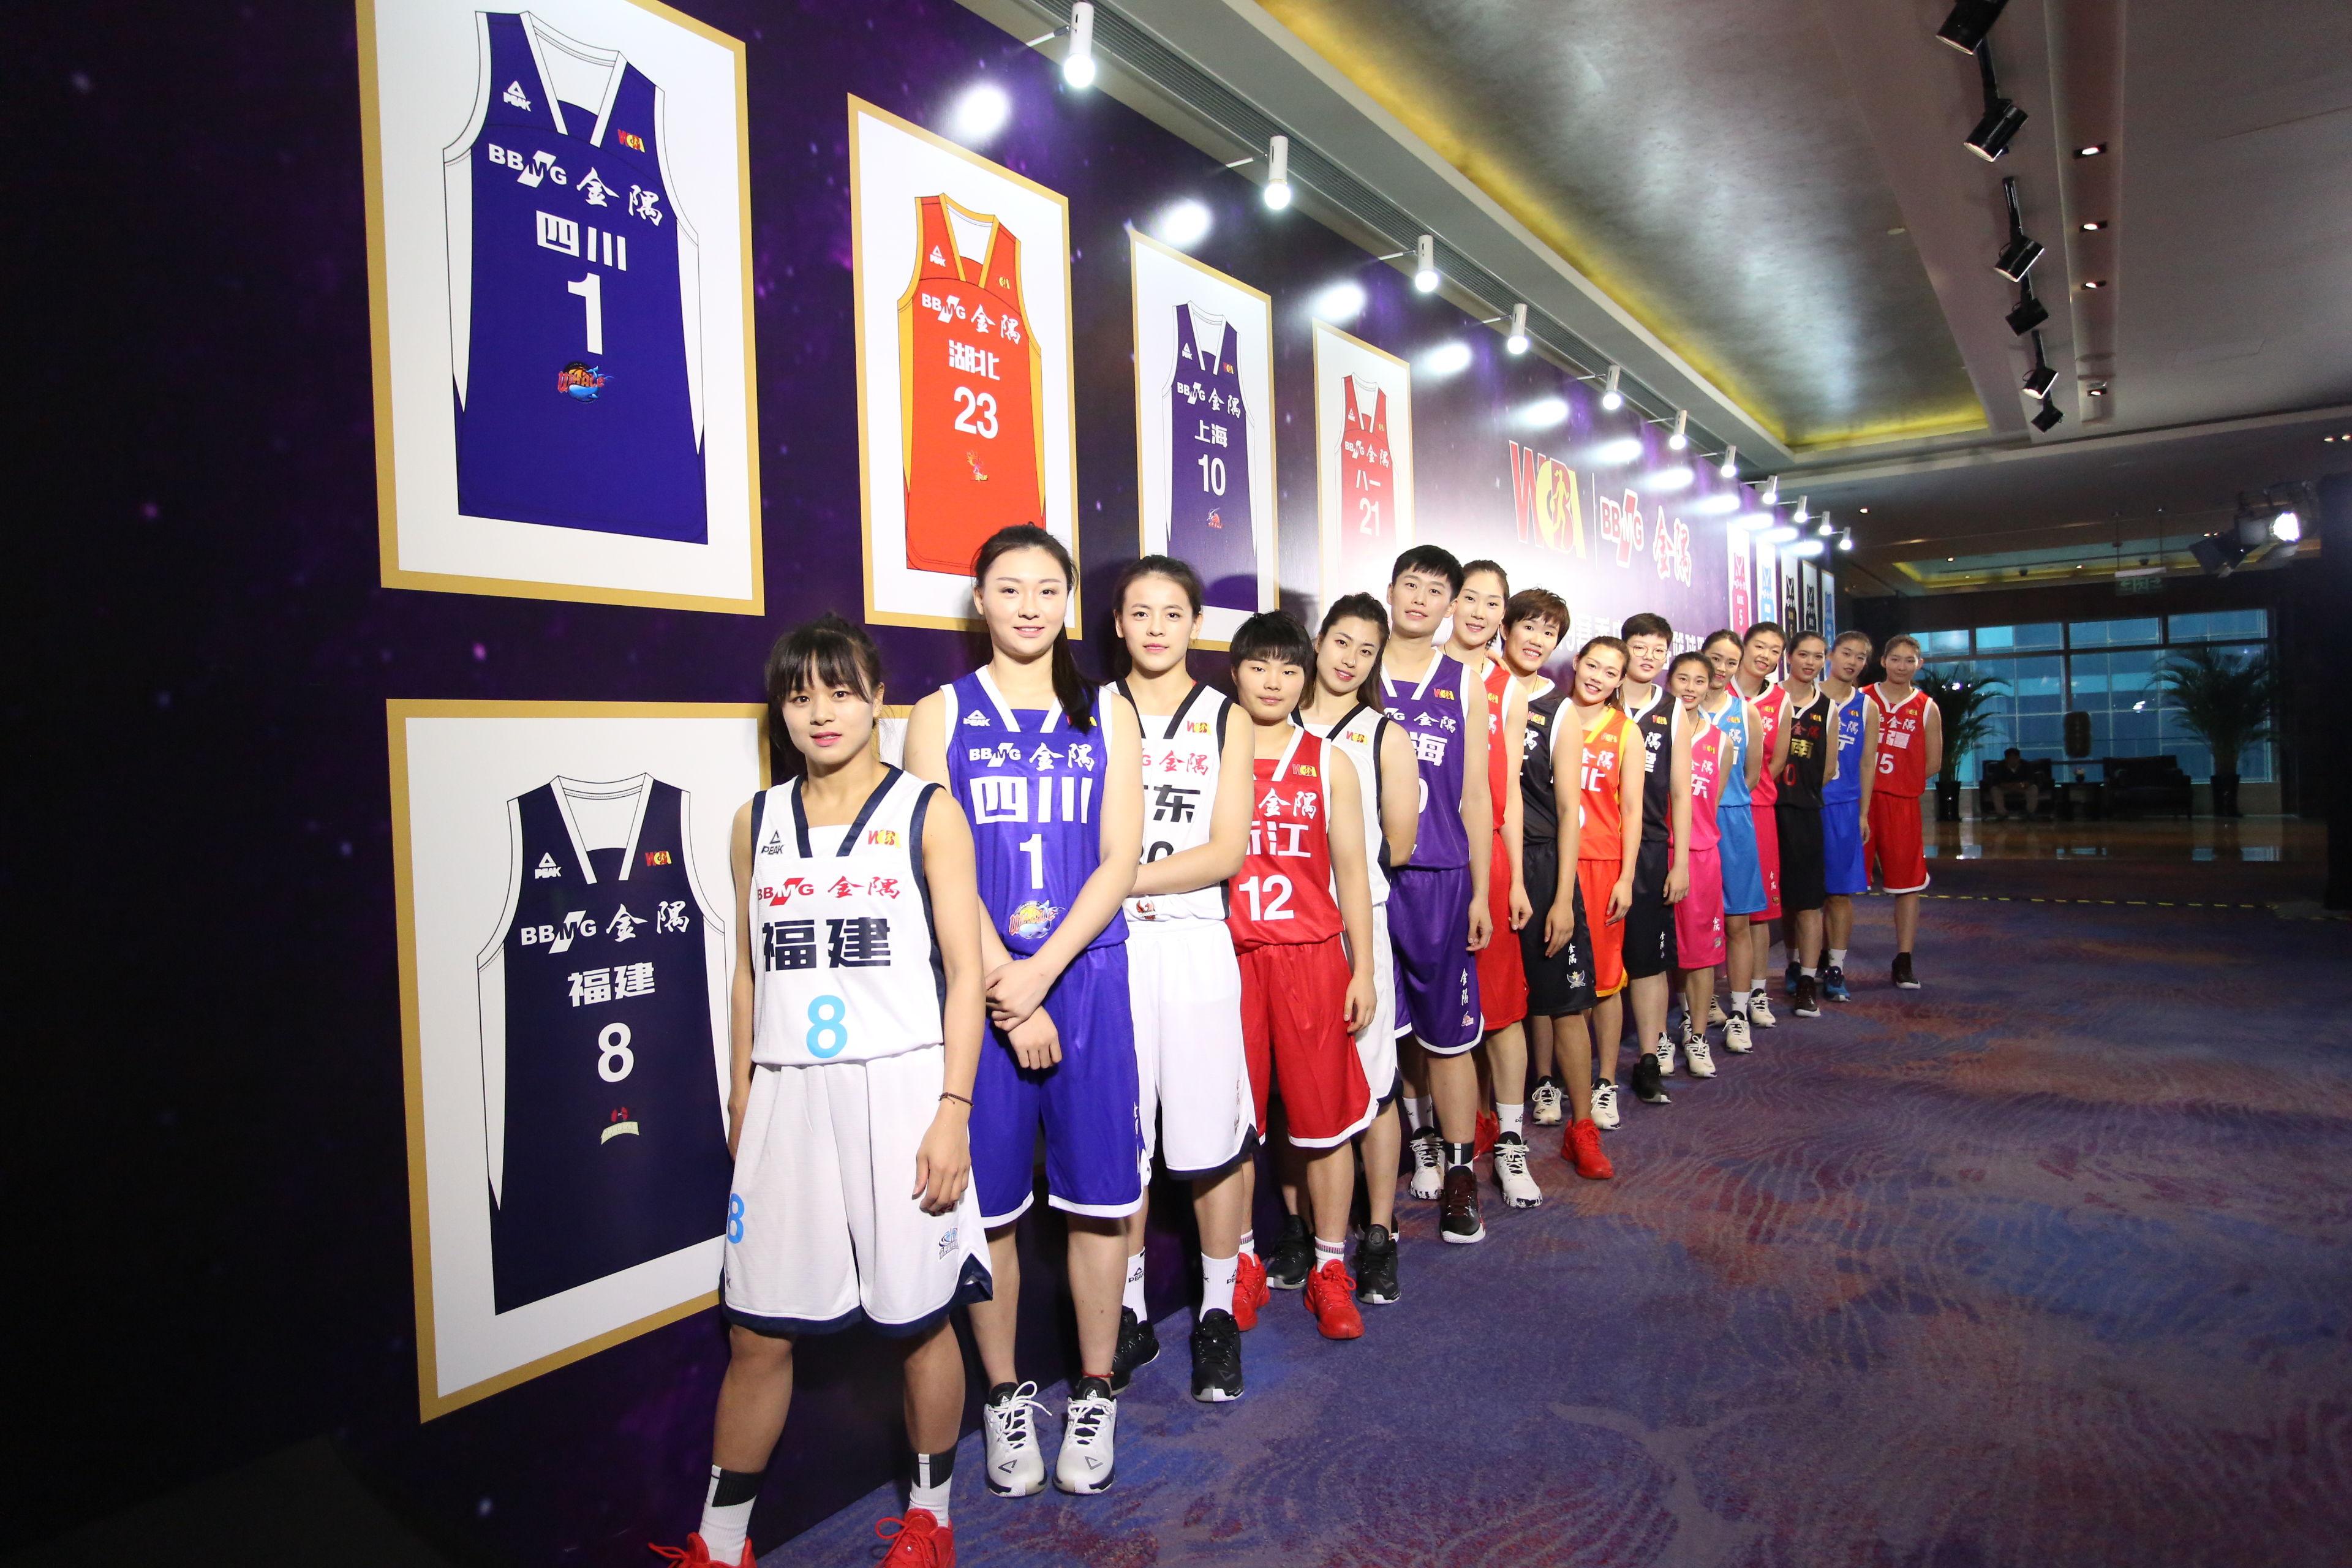 邵婷:发布会后台就像维密秀 北京女篮卫冕之路欢迎挑战